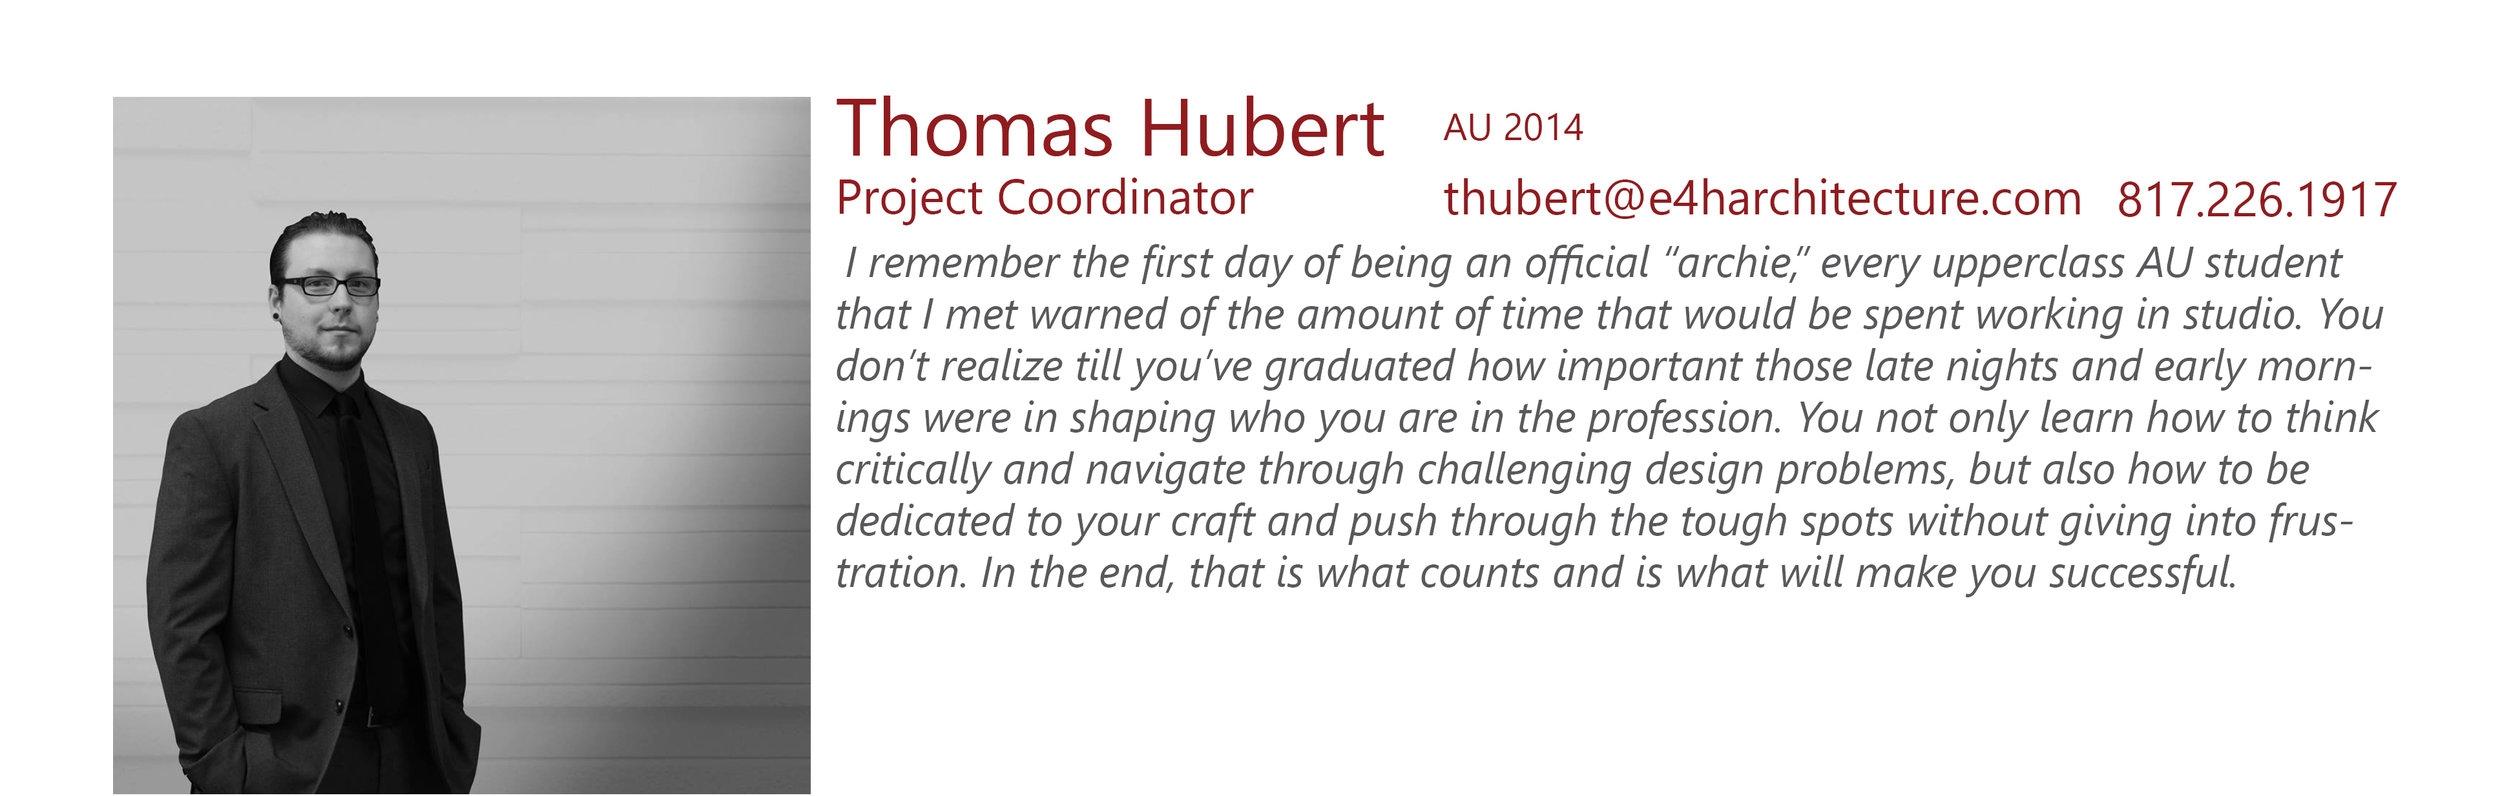 Thomas Hubert.jpg